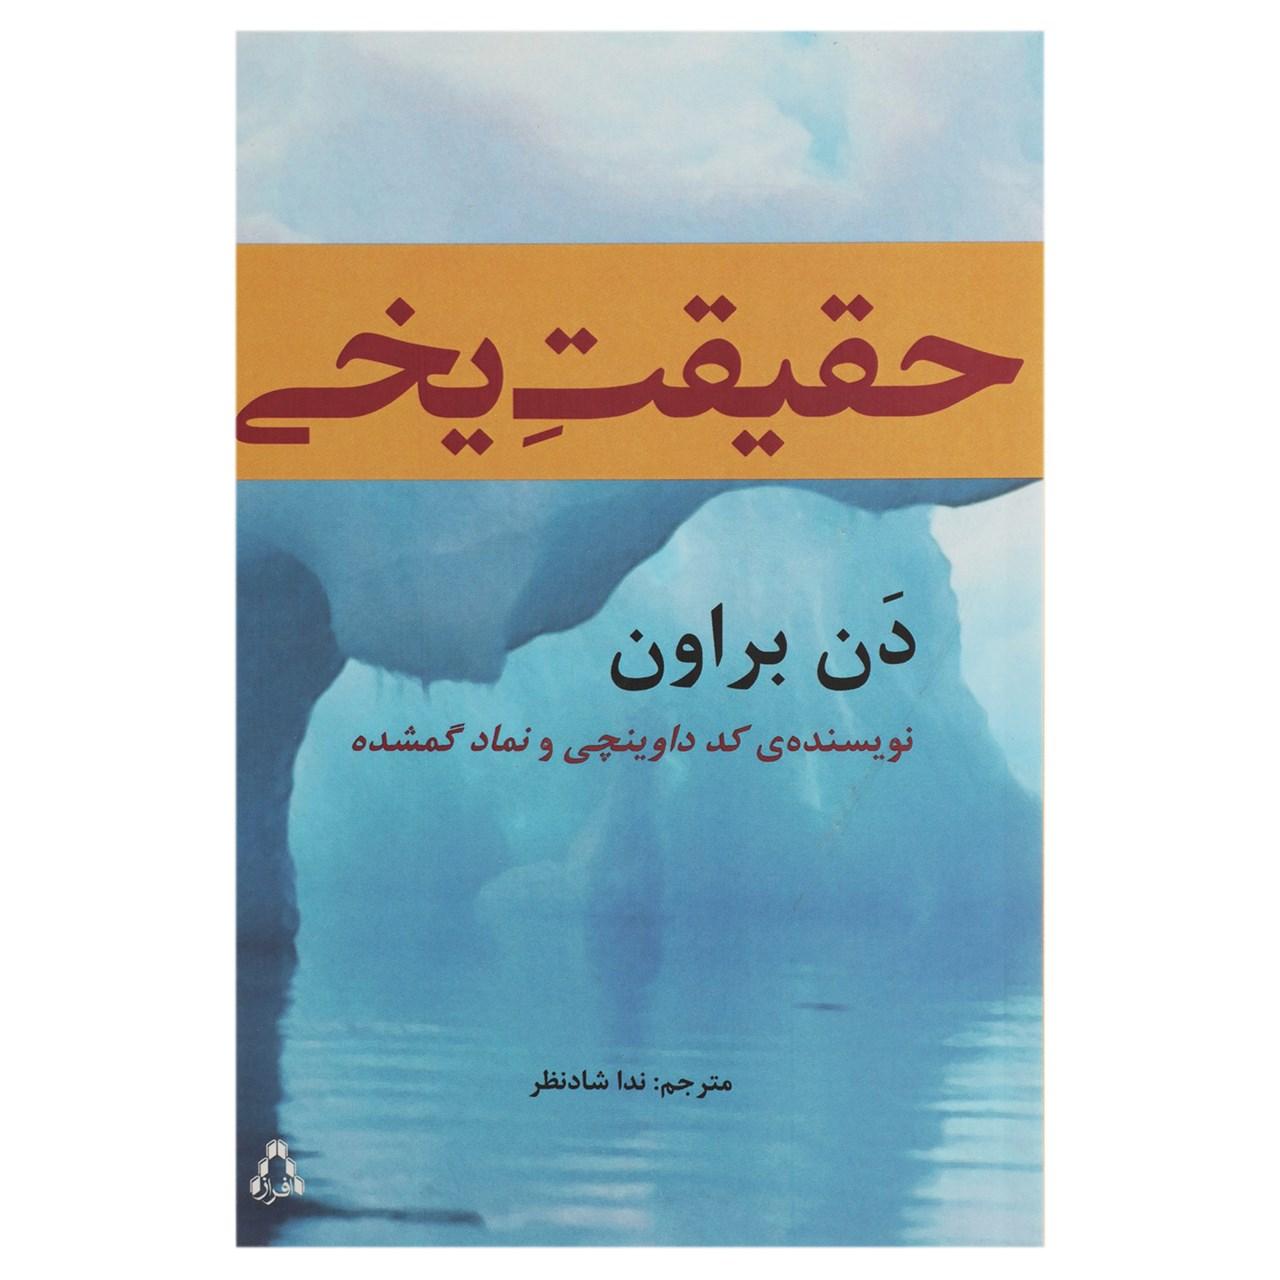 کتاب حقیقت یخی رمان اثر دن براون